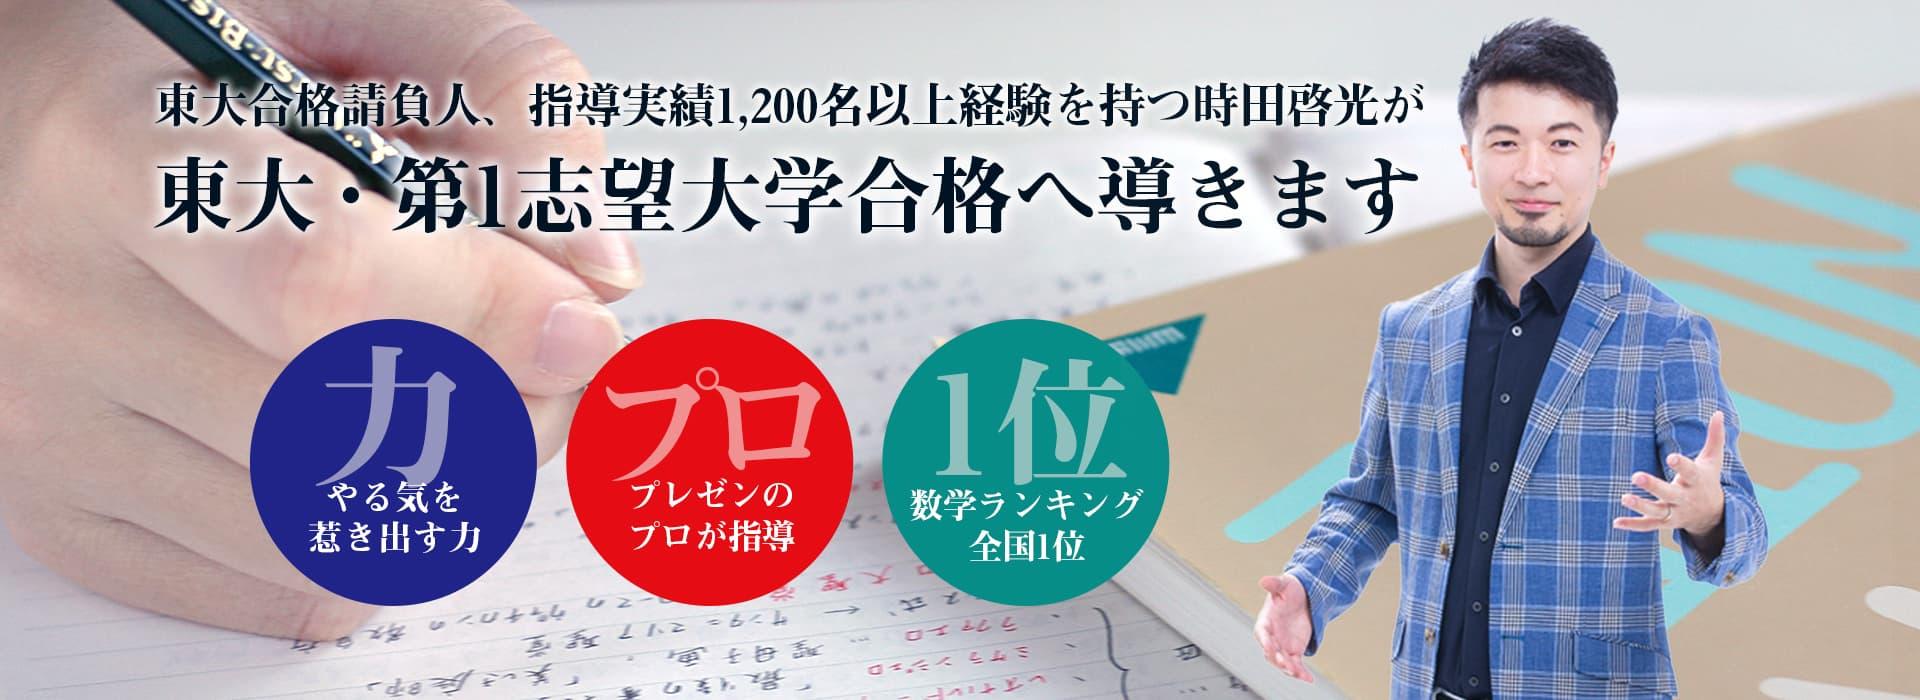 株式会社合格舎|東大合格請負人時田啓光による、志望校に合格するための勉強法